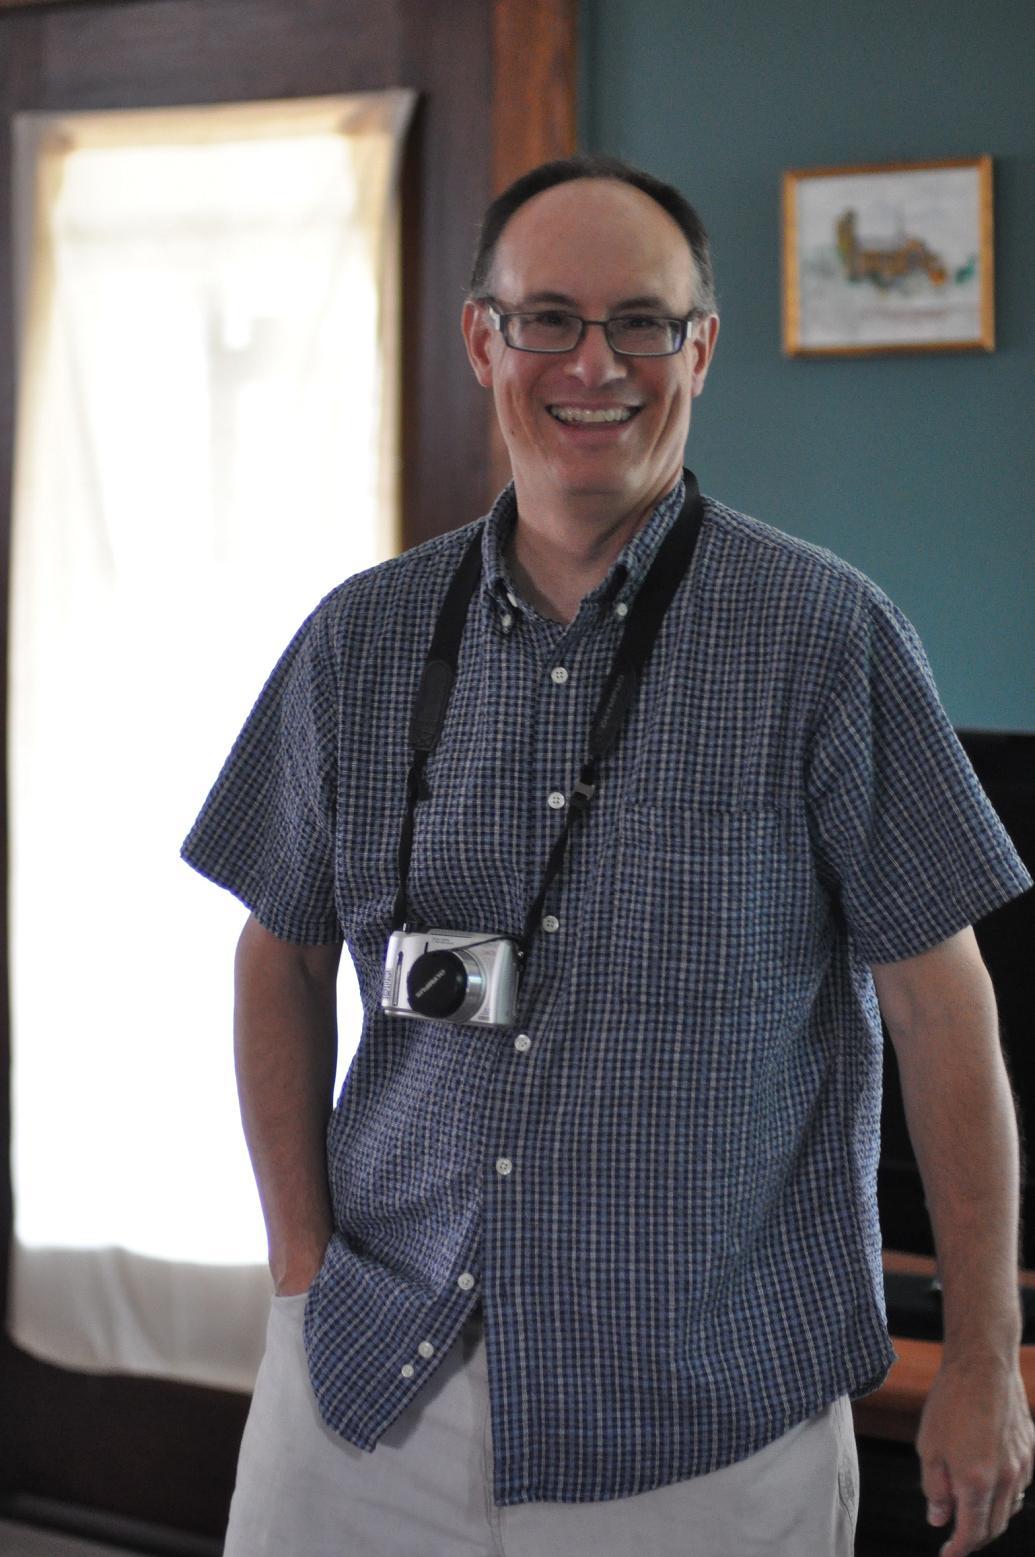 Heritage Steward: Paul Diebold